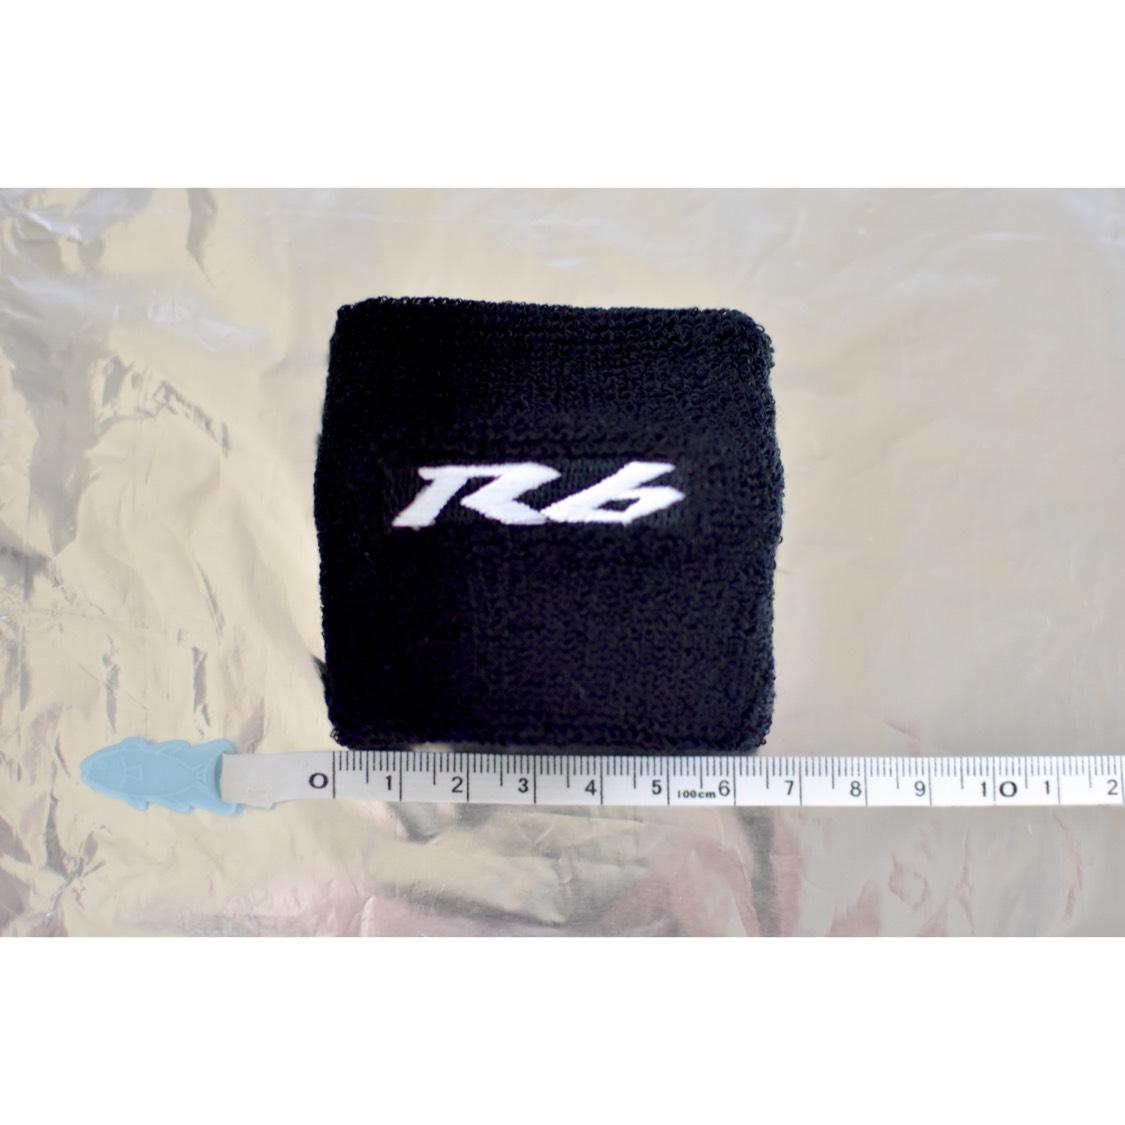 【数量限定】yzf-r6 汎用 ブレーキマスターシリンダーカバー 新品!